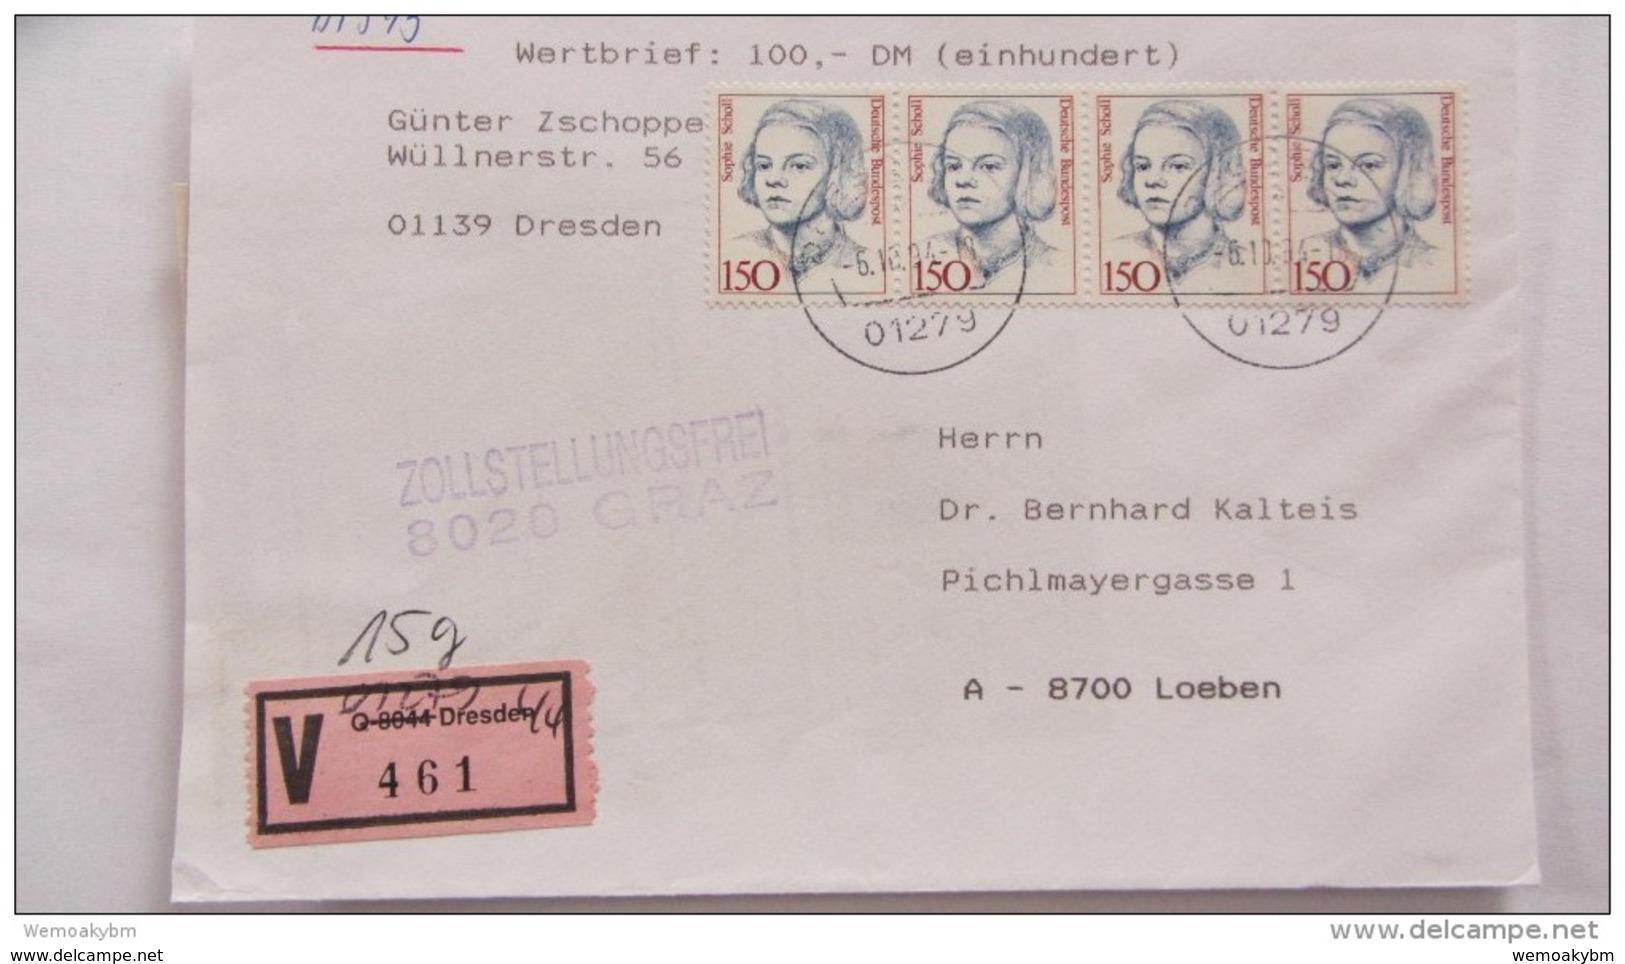 BRD-VGO: Wert-Bf Aus Dresden 44 (461) Mit Nachverwendeten V-Zettel -sehr Späte Verwendung Am 6.10.94- Knr: 1497 (4) - [7] Federal Republic